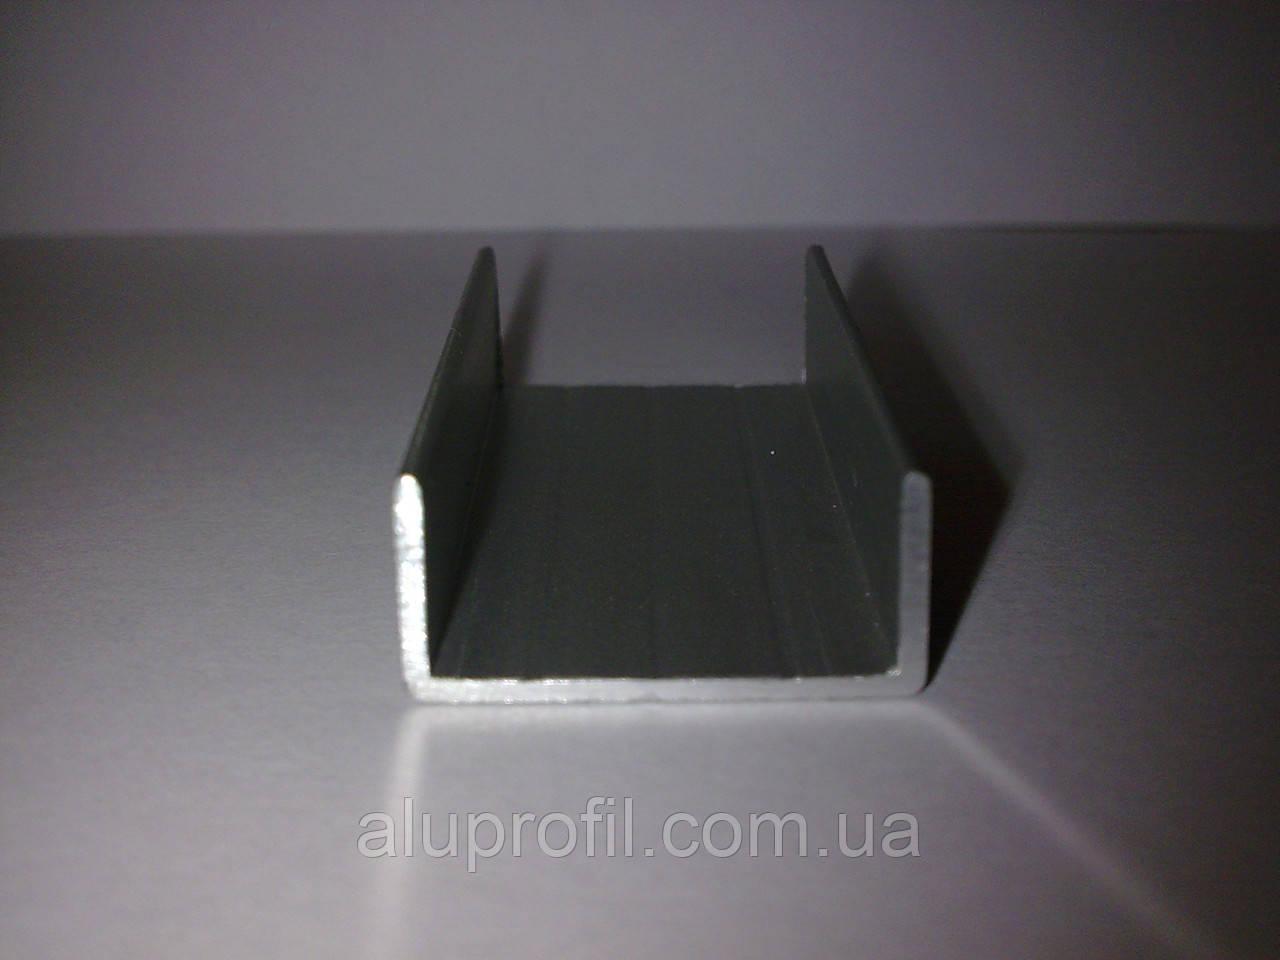 Алюминиевый профиль — швеллер размером 30х20x1,5